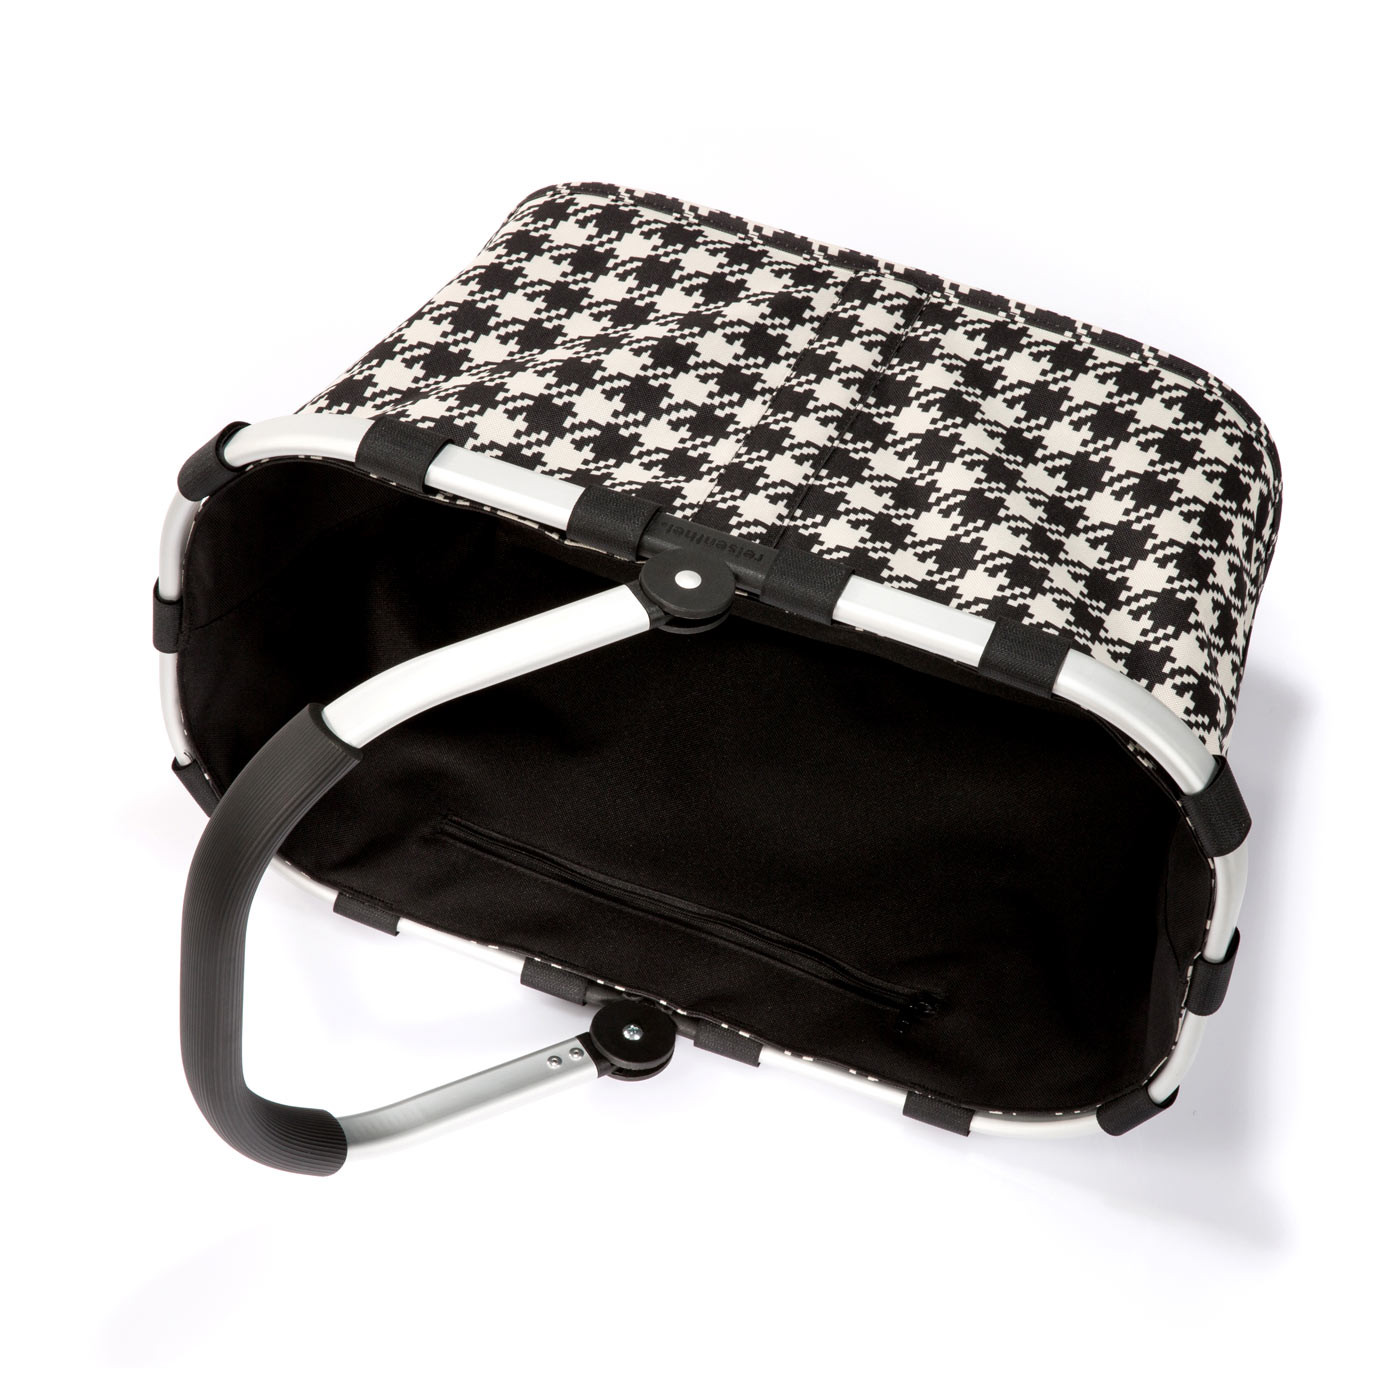 reisenthel® Carrybag Einkaufskorb online zum Vorteilspreis